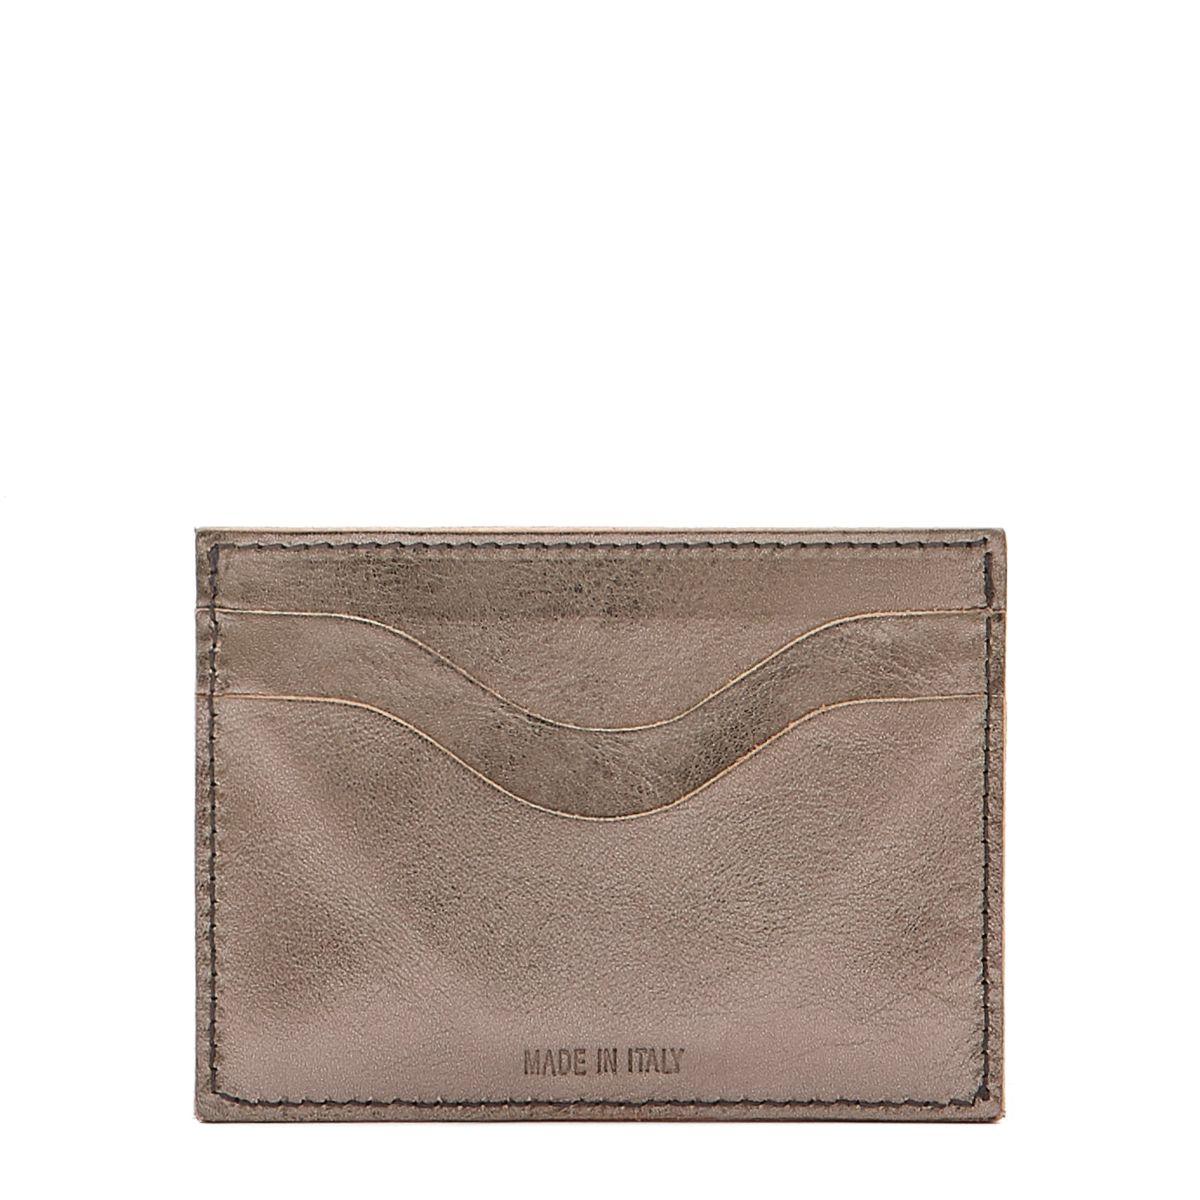 Porte-Cartes Salina en Cuir Métallisé SCC050 couleur Métallique Bronze | Details